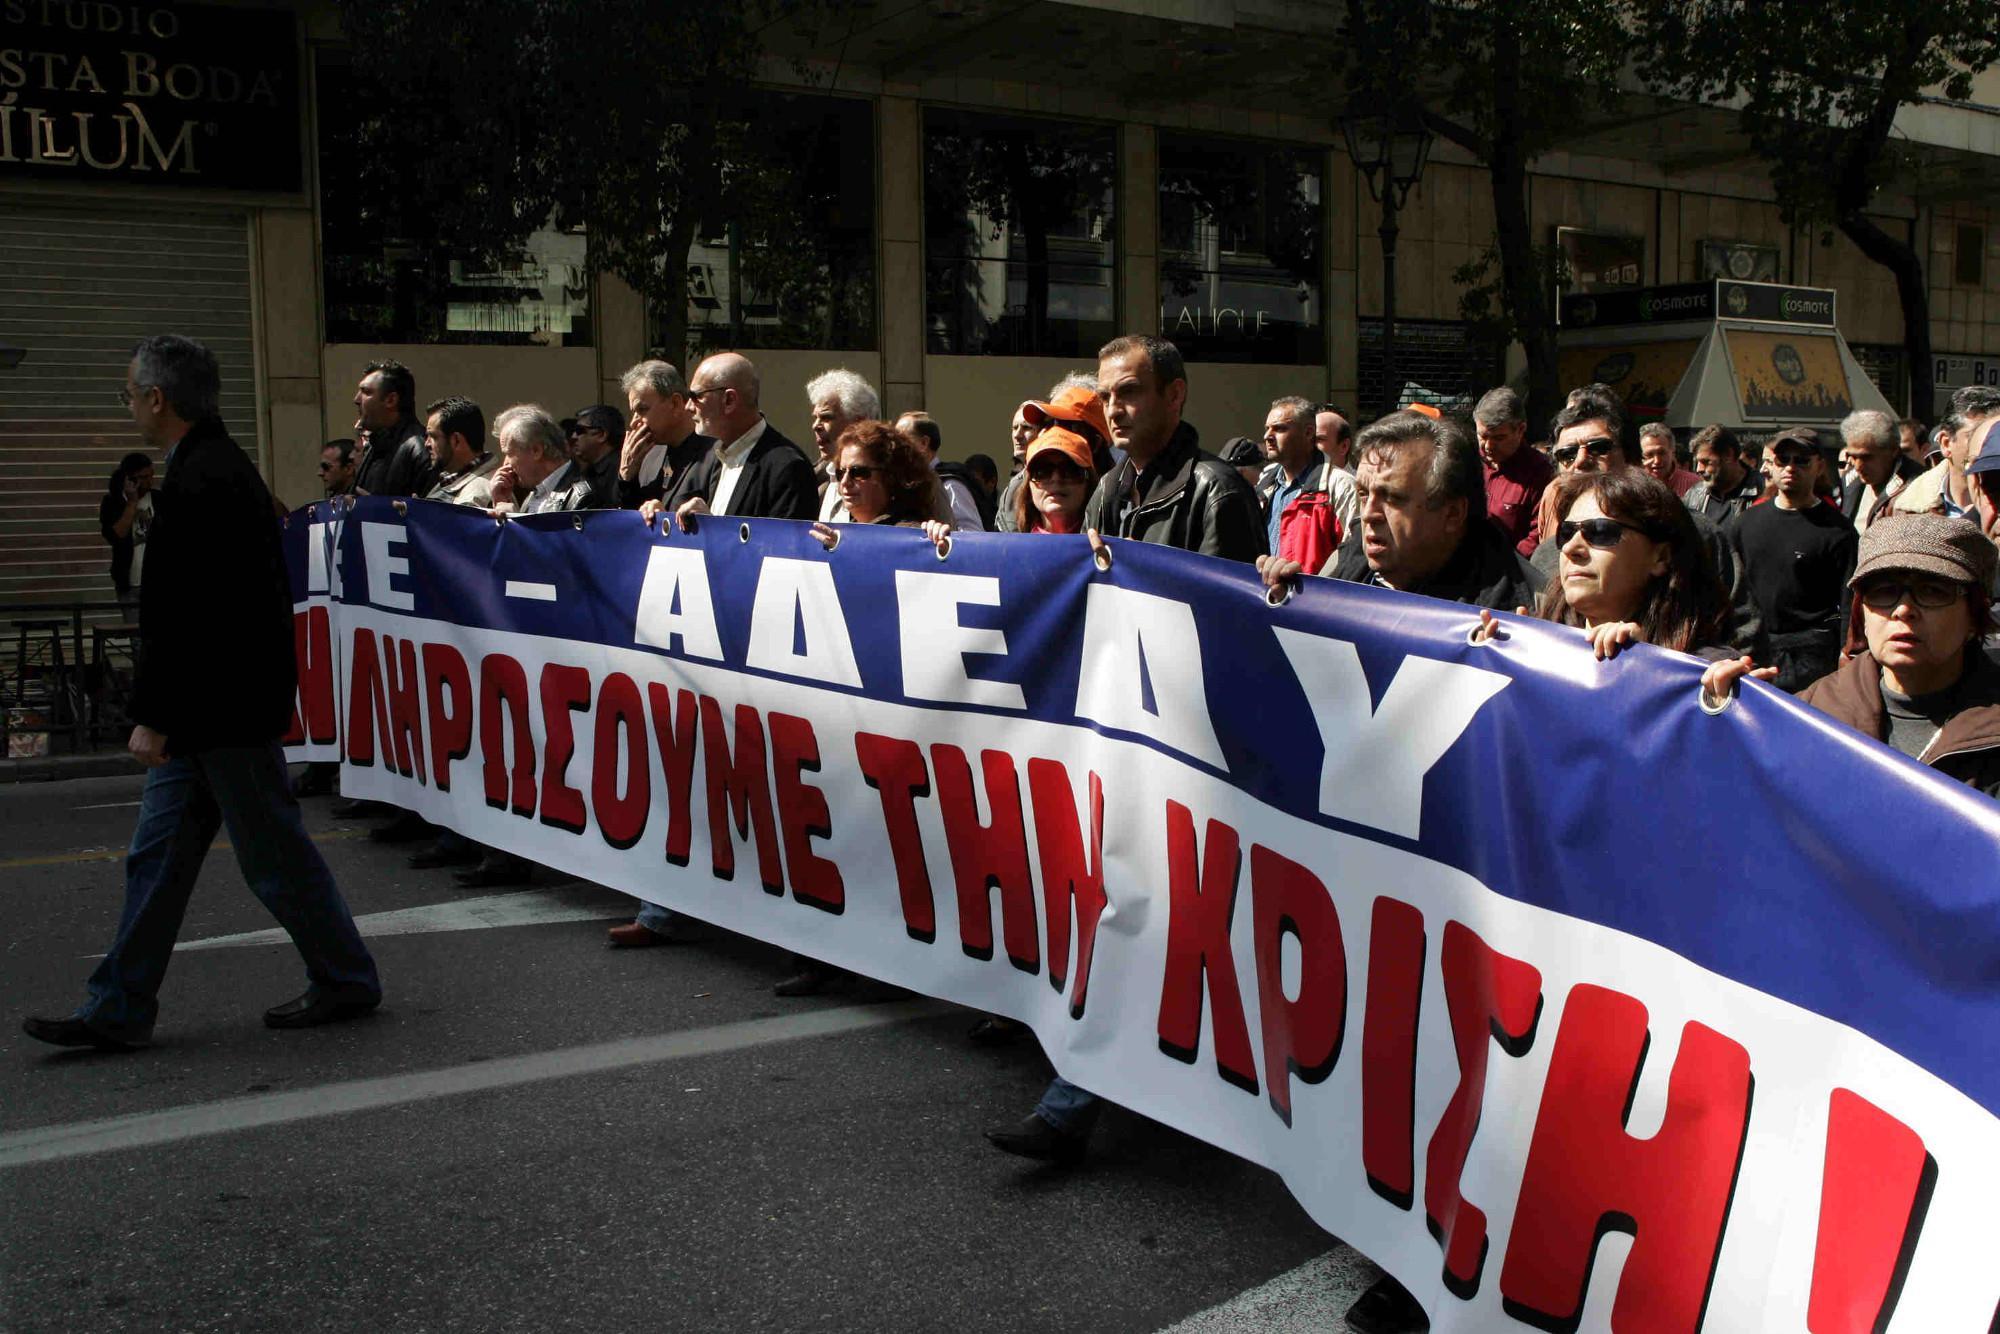 Πανελλαδική απεργία την Πέμπτη: Ποιοι συμμετέχουν, πώς θα κινηθούν τα ΜΜΜ